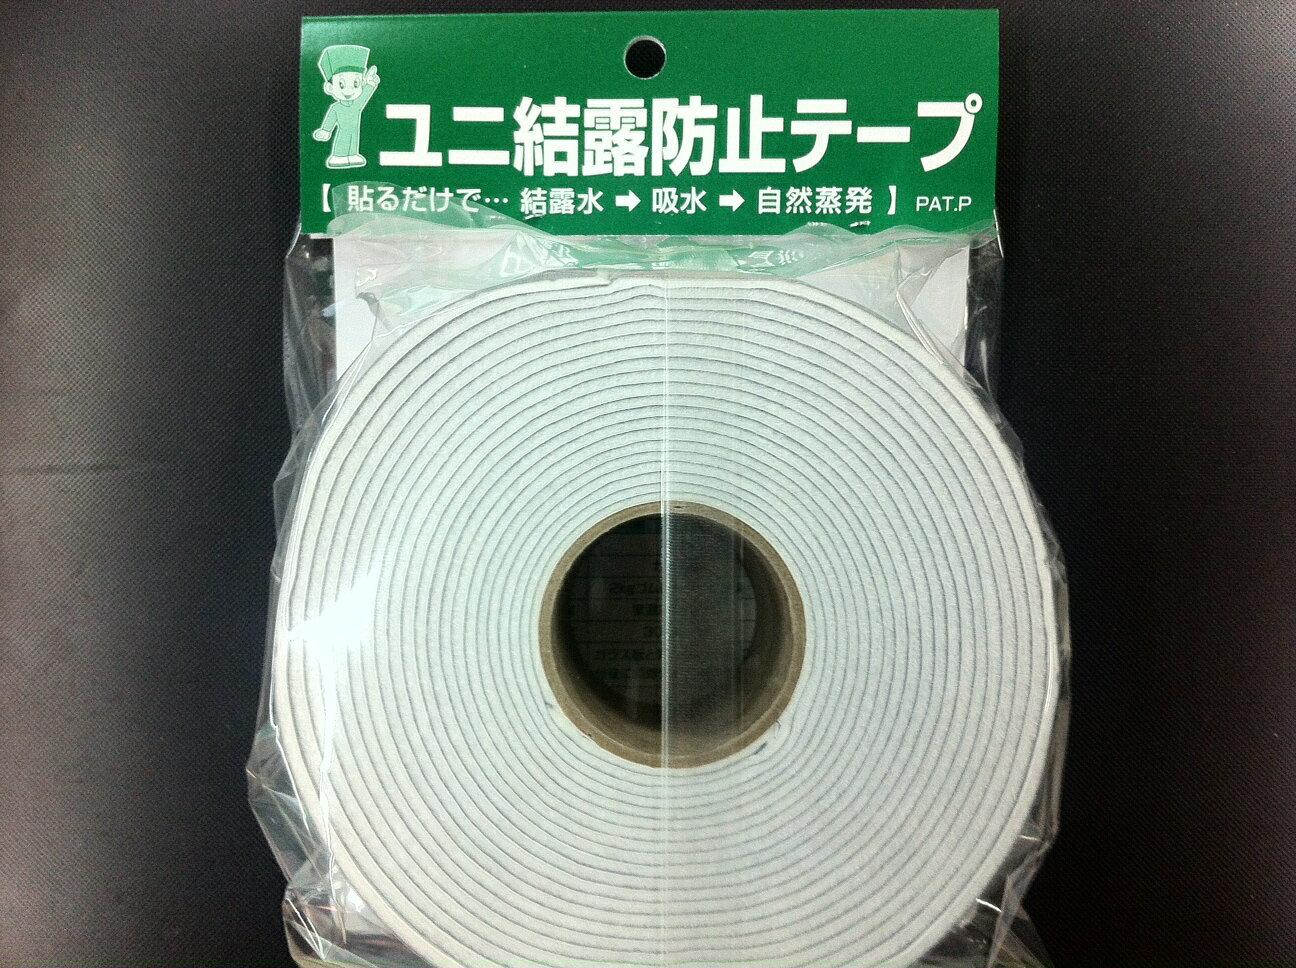 ユニ結露防止テープ 【株式会社豊栄】貼るだけで・・・結露水⇒吸水⇒自然蒸発【最安値挑戦■1214キッチン】